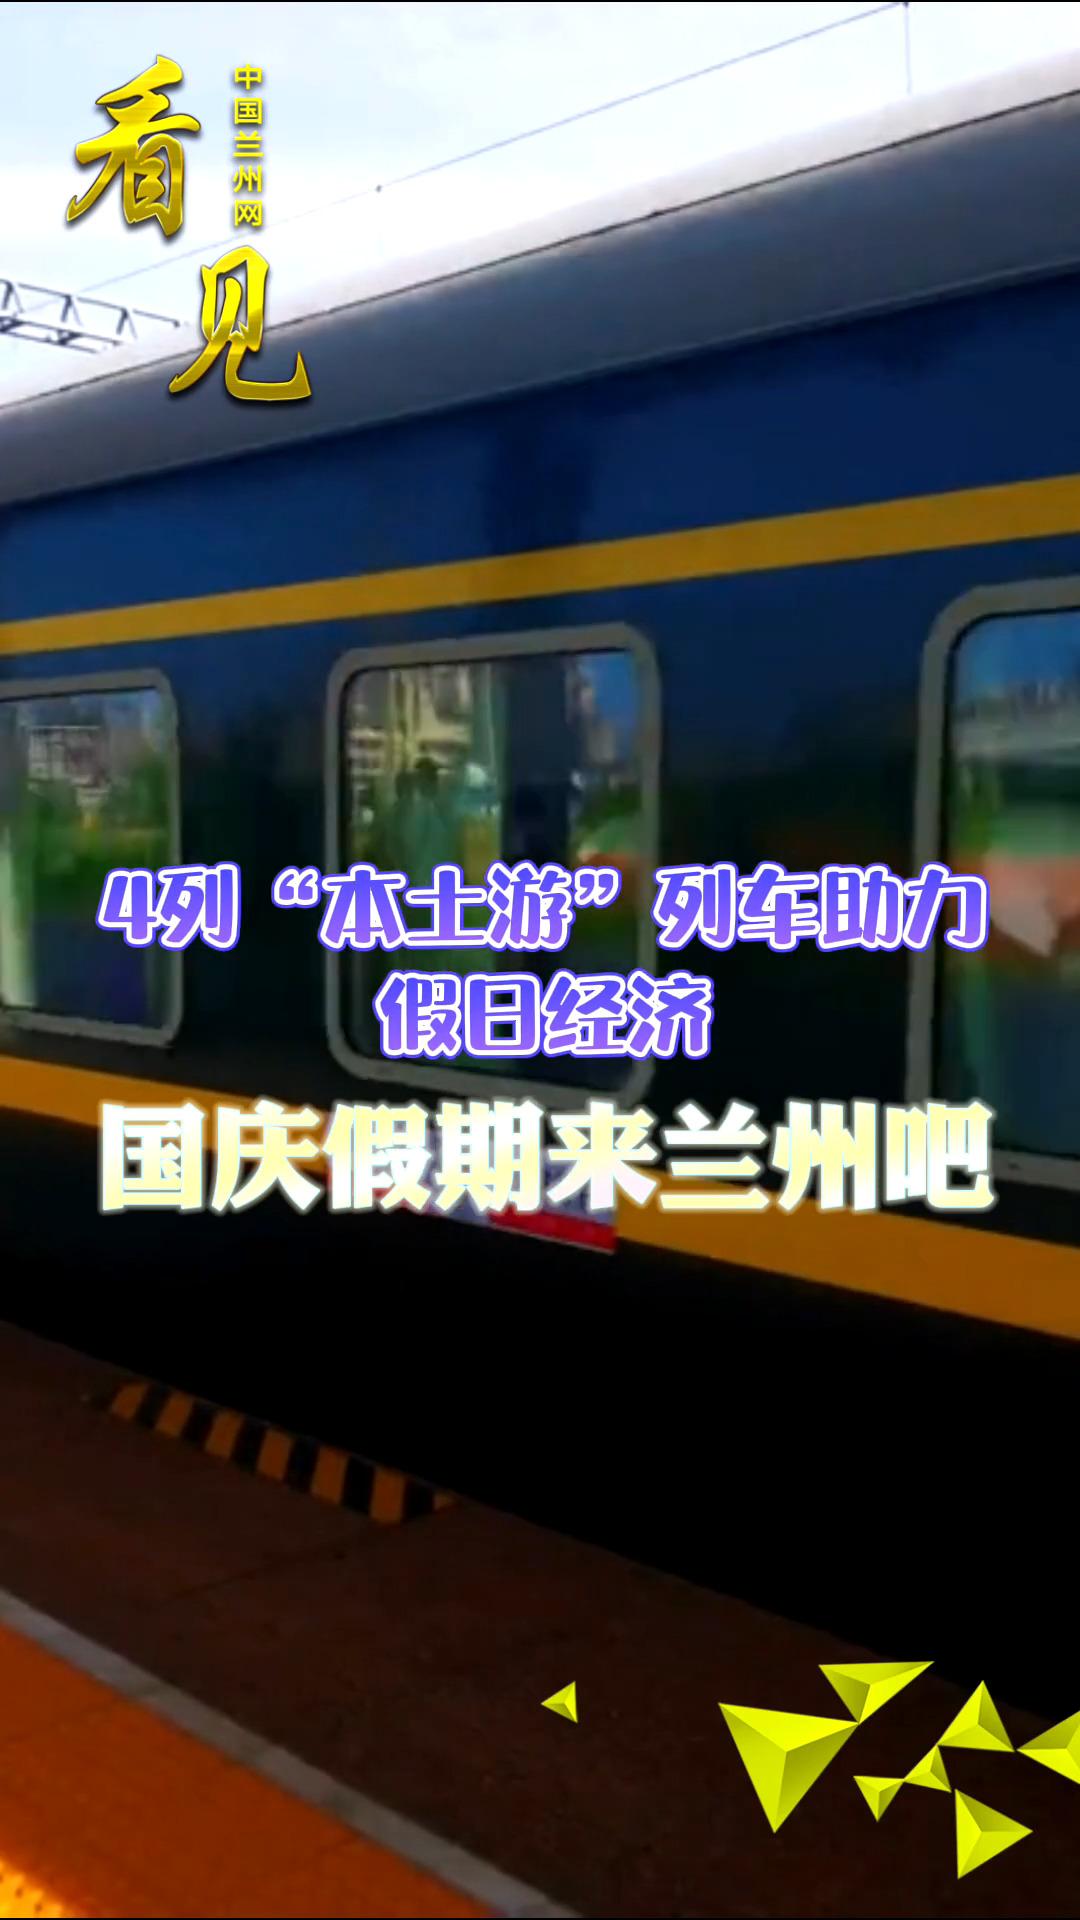 """看� 4趟""""本jiu)tu)游(you)""""旅游(you)�A�xiao) 淮da)波促(chun)消活��(dong)……���c假期��(lai)�m州吧!"""